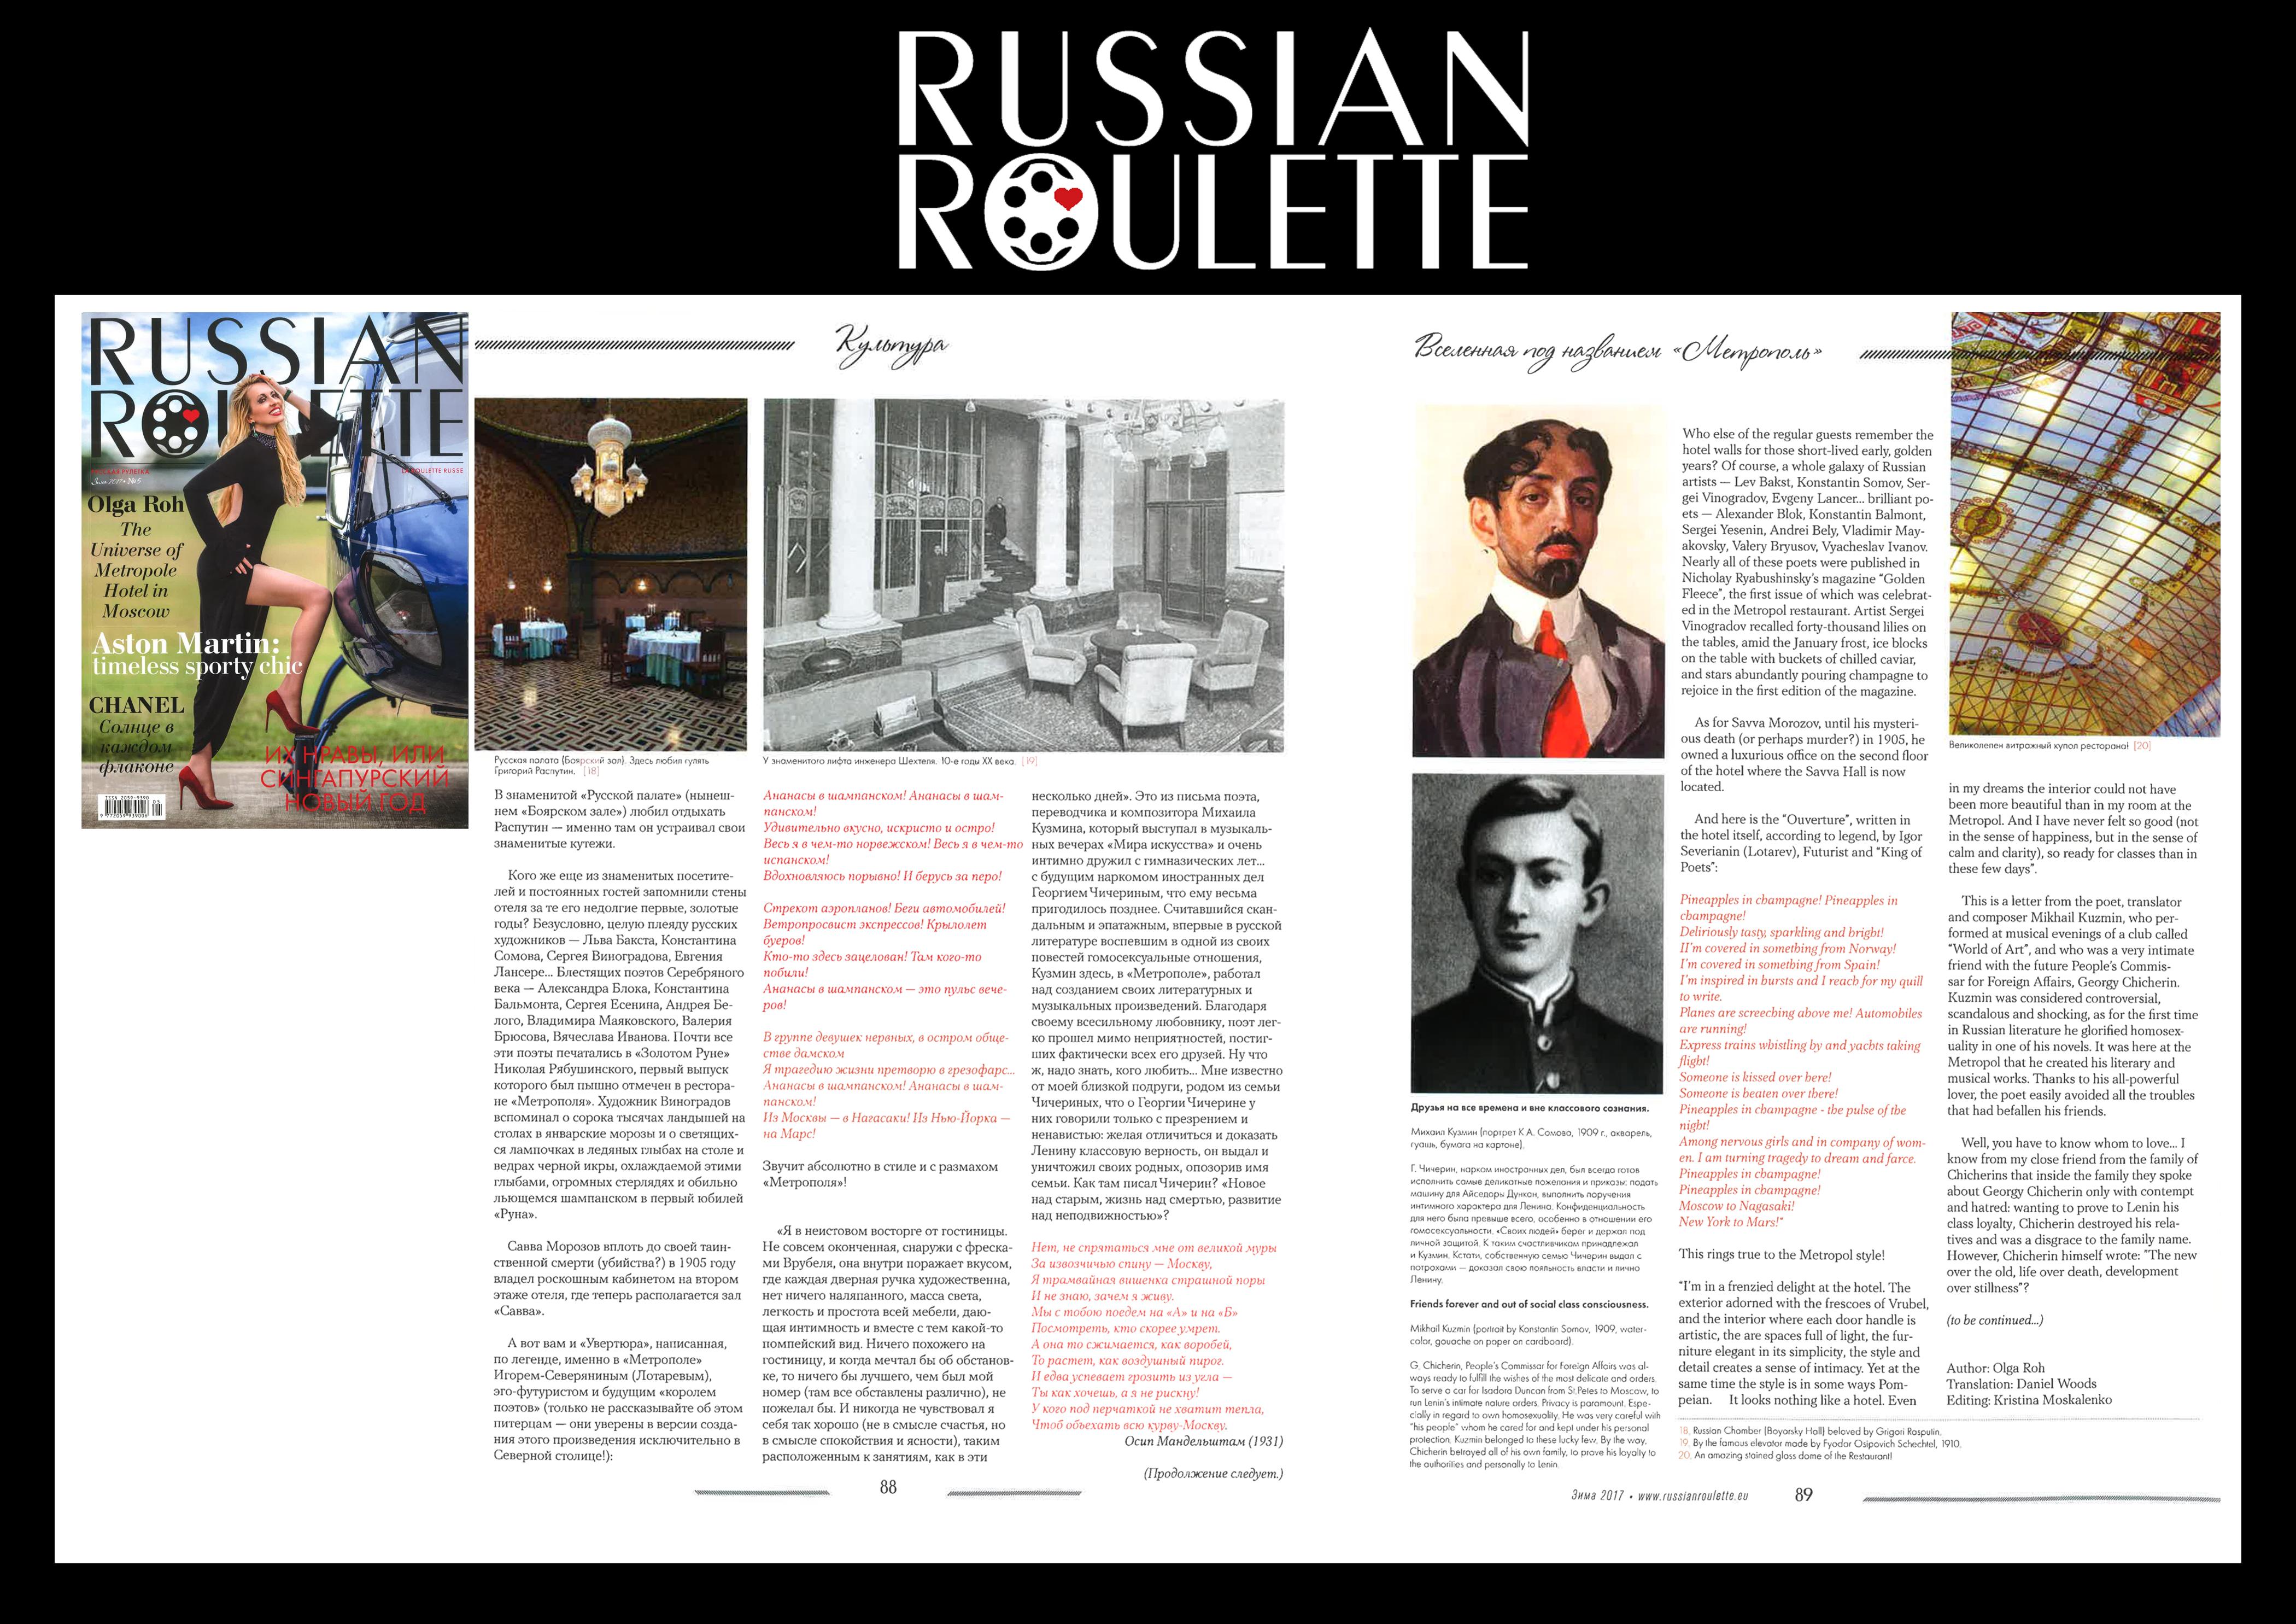 RUSSIAN ROULETTE METROPOLE 2-6